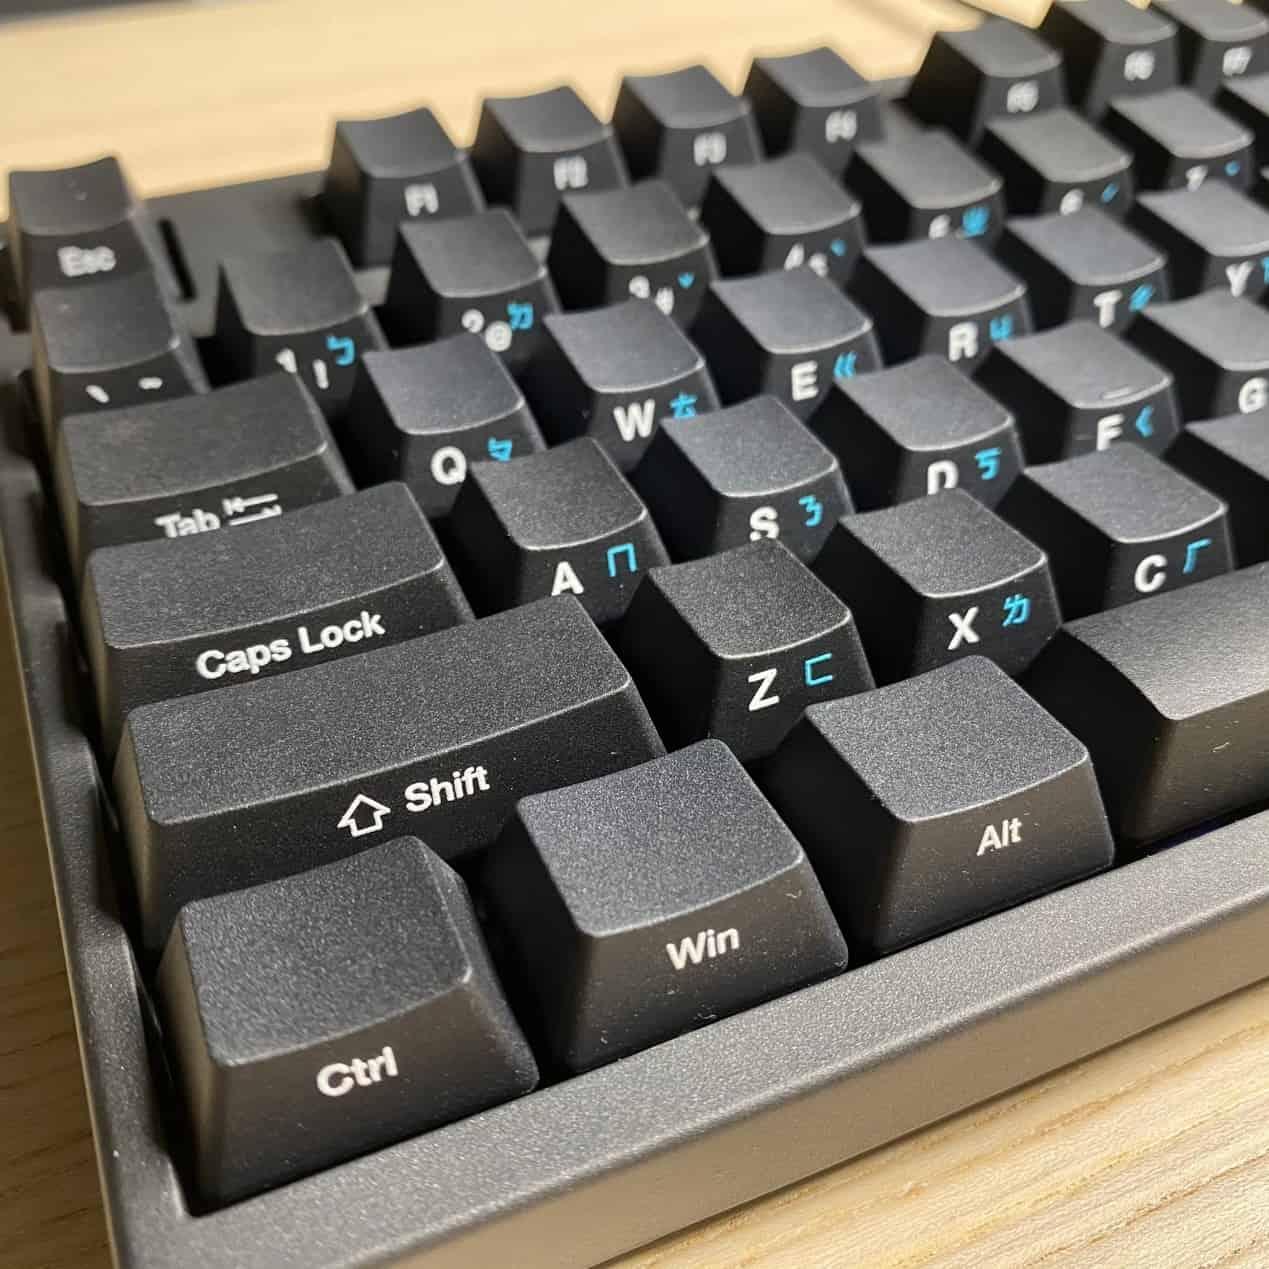 Zero-3108機械鍵盤-Windows鍵鎖